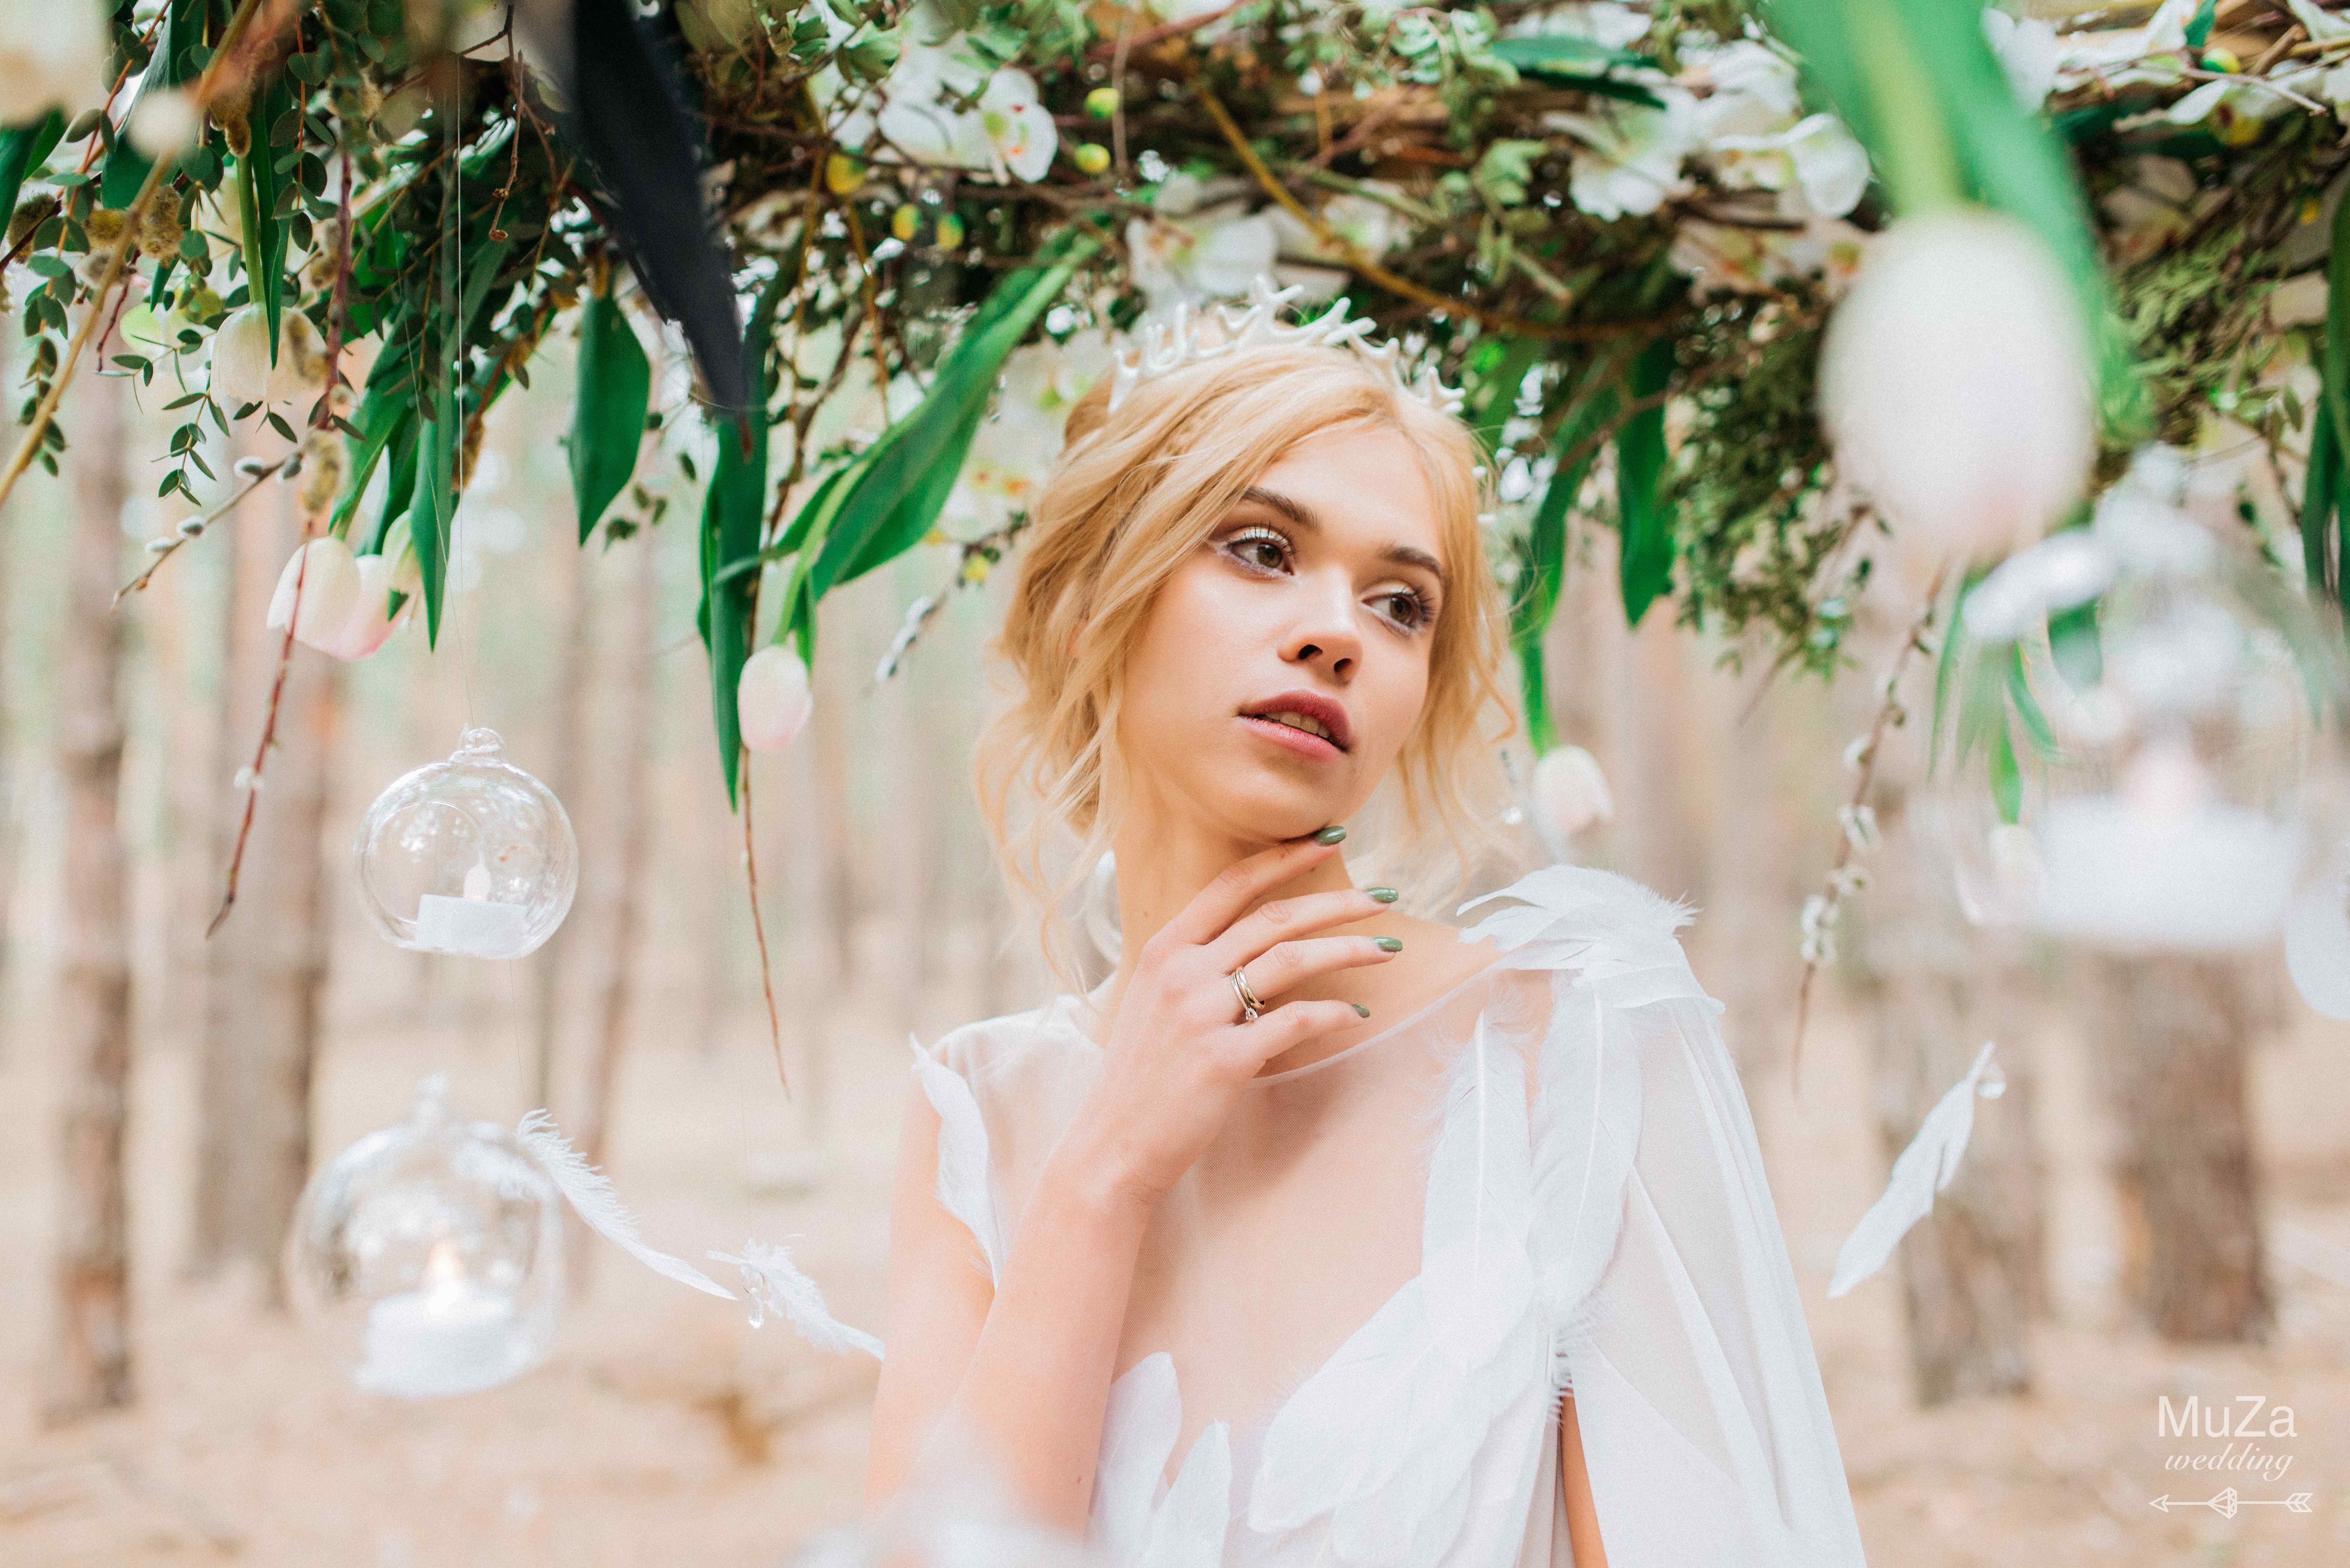 сказочный образ невесты нимфа